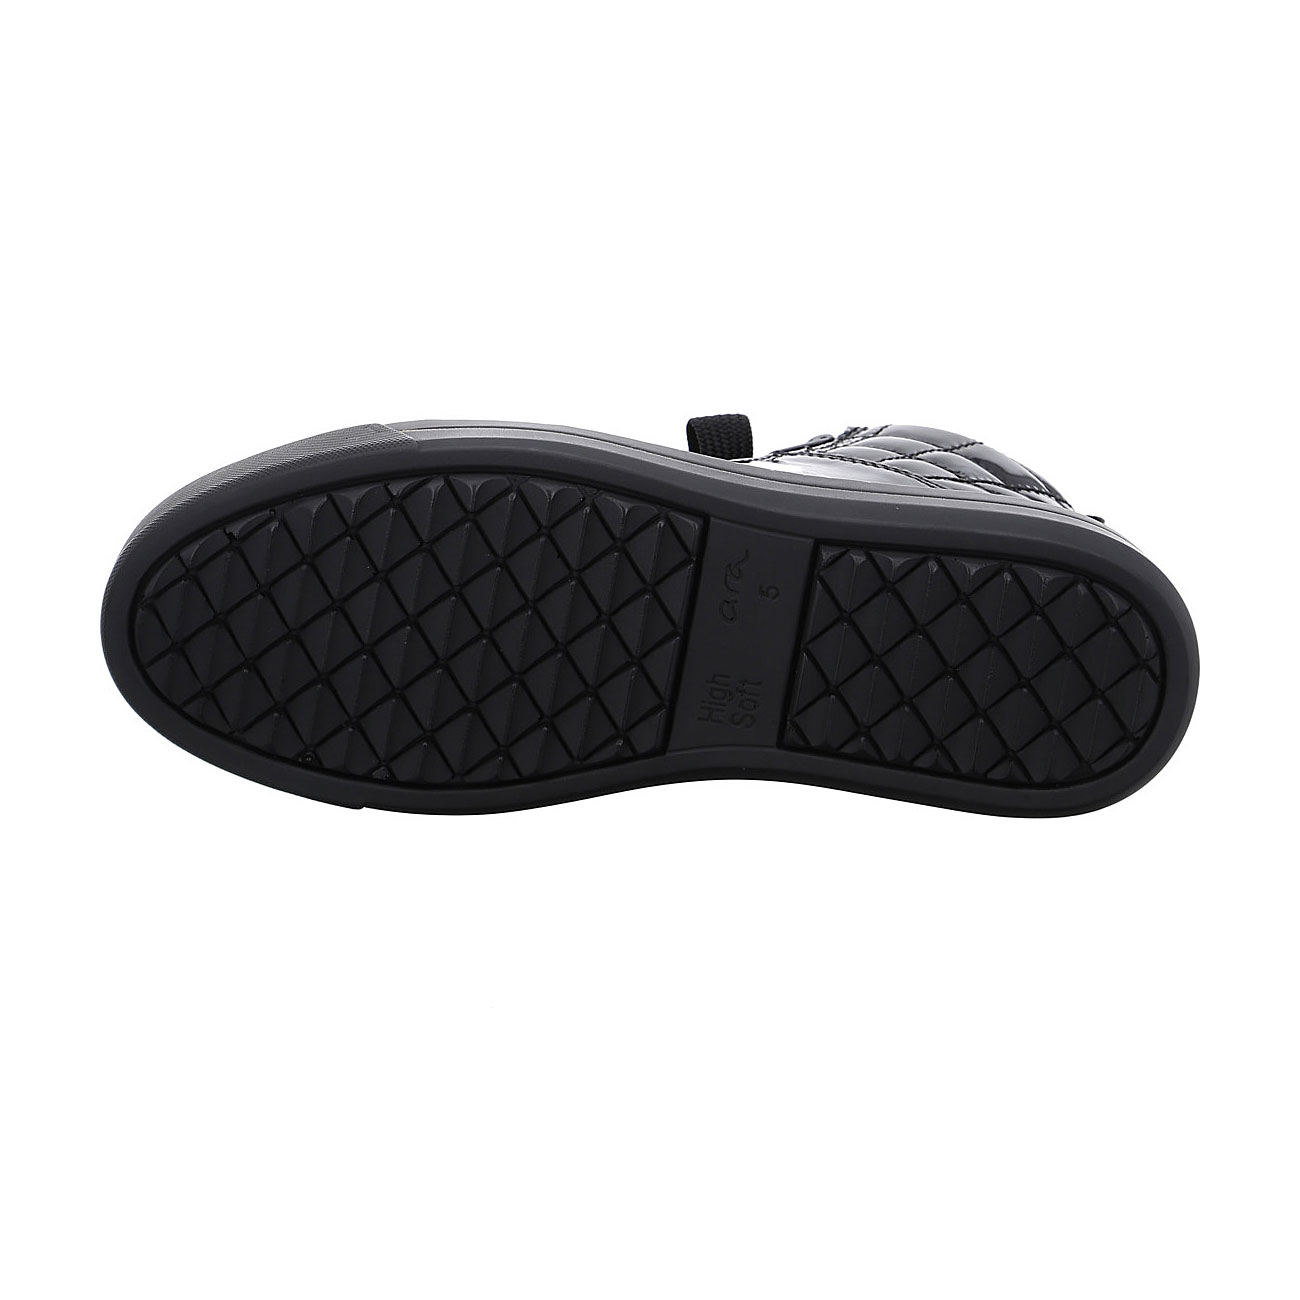 Дамски спортни обувки с цип ara 12-47494-11 - снимка 4